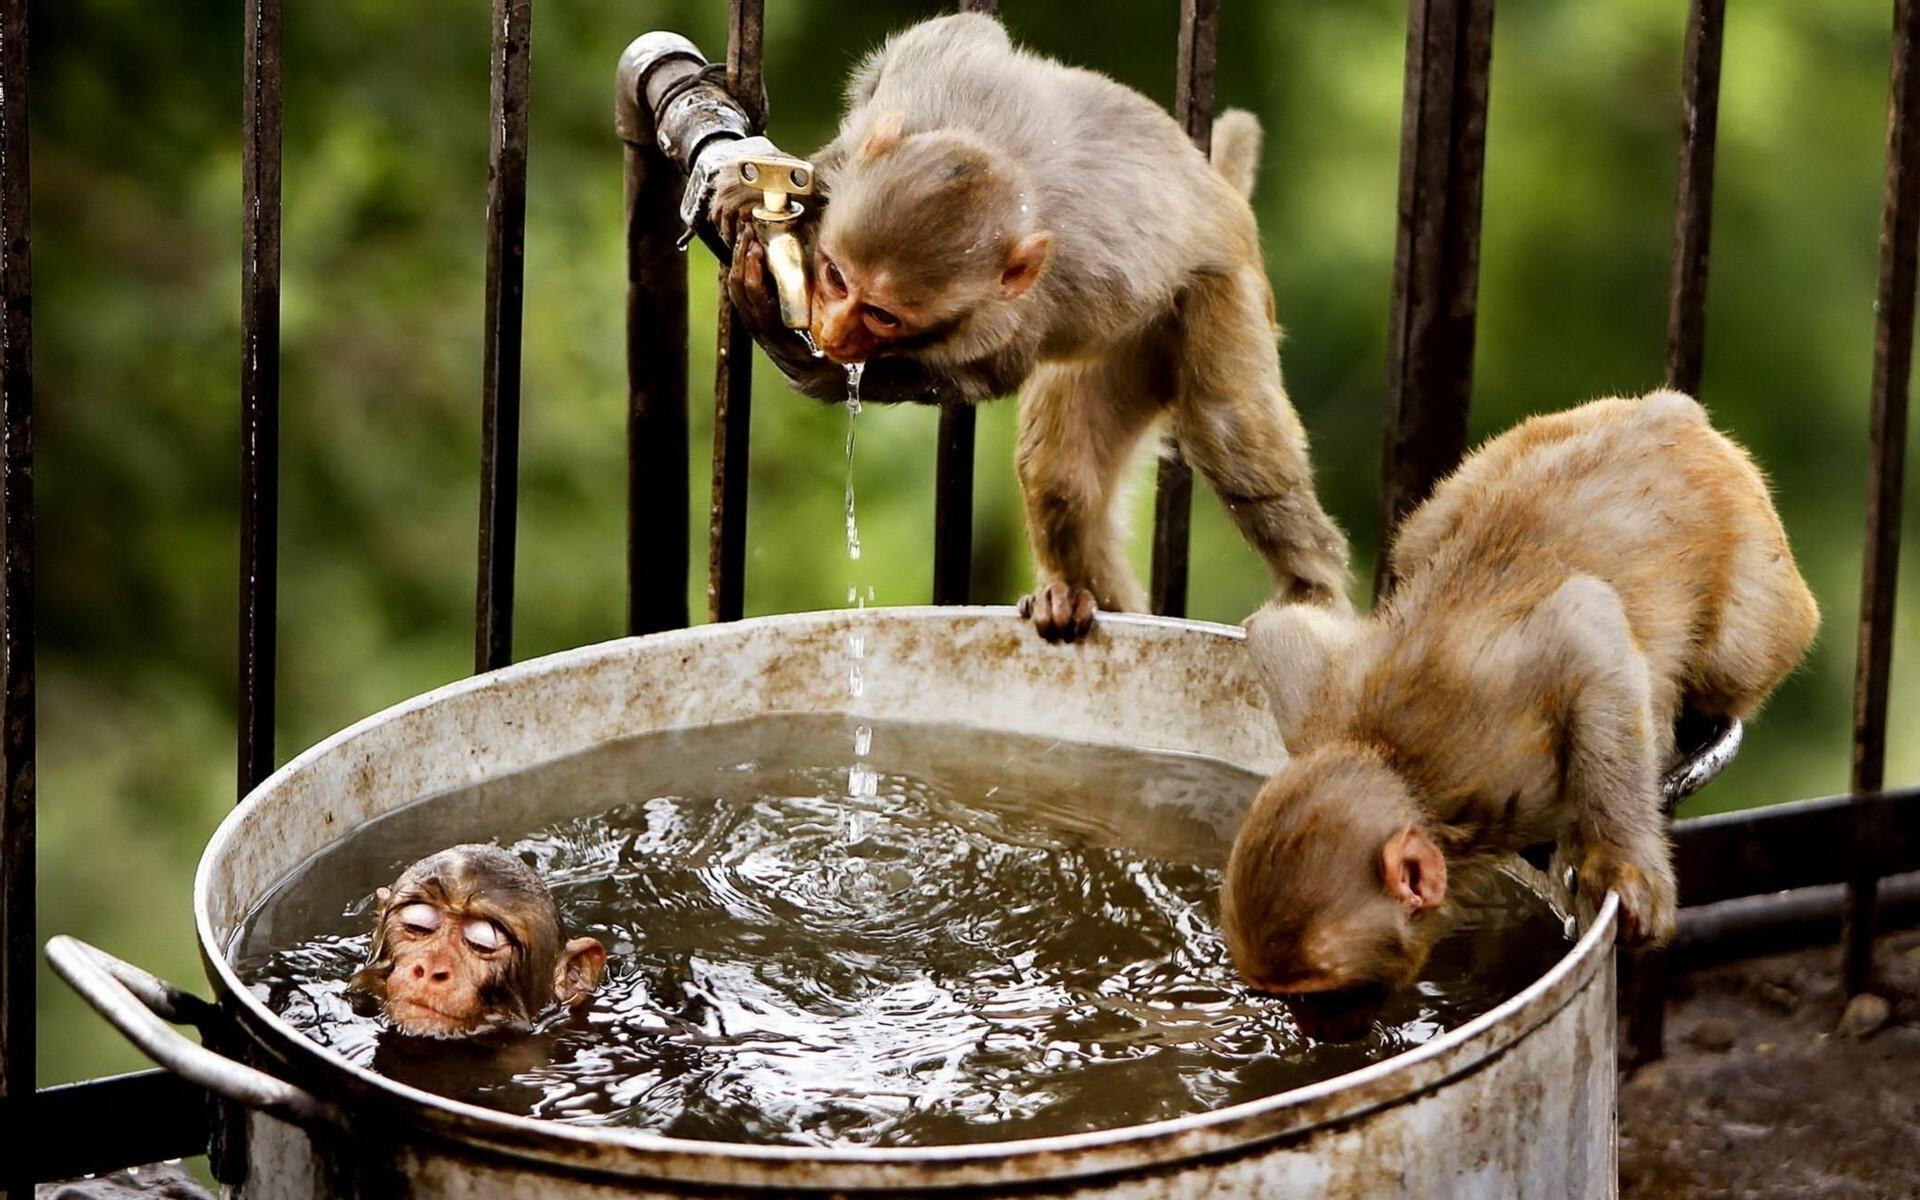 Funny Monkeys In A Bucket Silly Wallpaper Hd Wallpapers